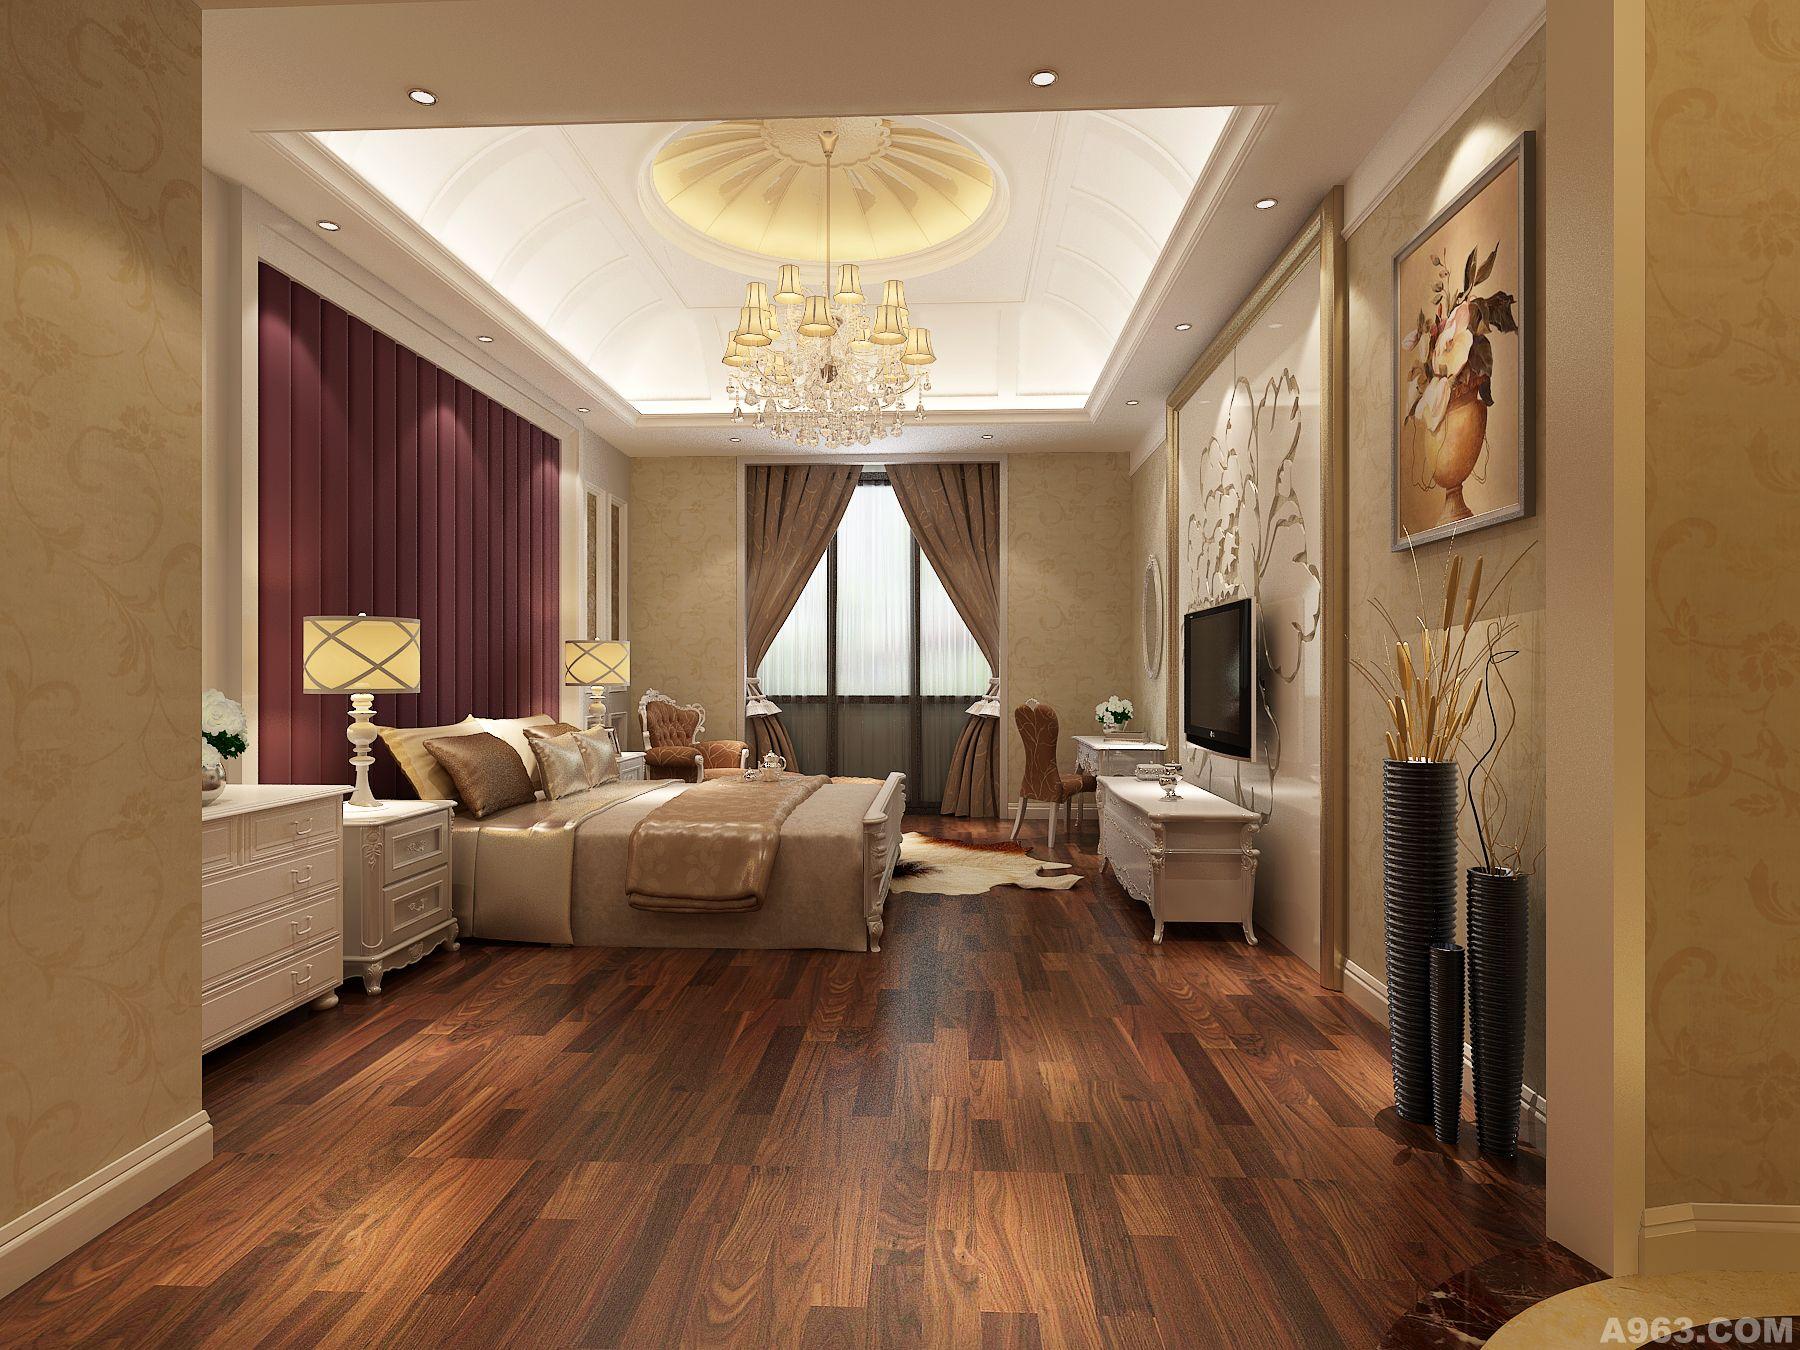 维多利亚 - 别墅豪宅 - 合肥室内设计网_合肥室内设计